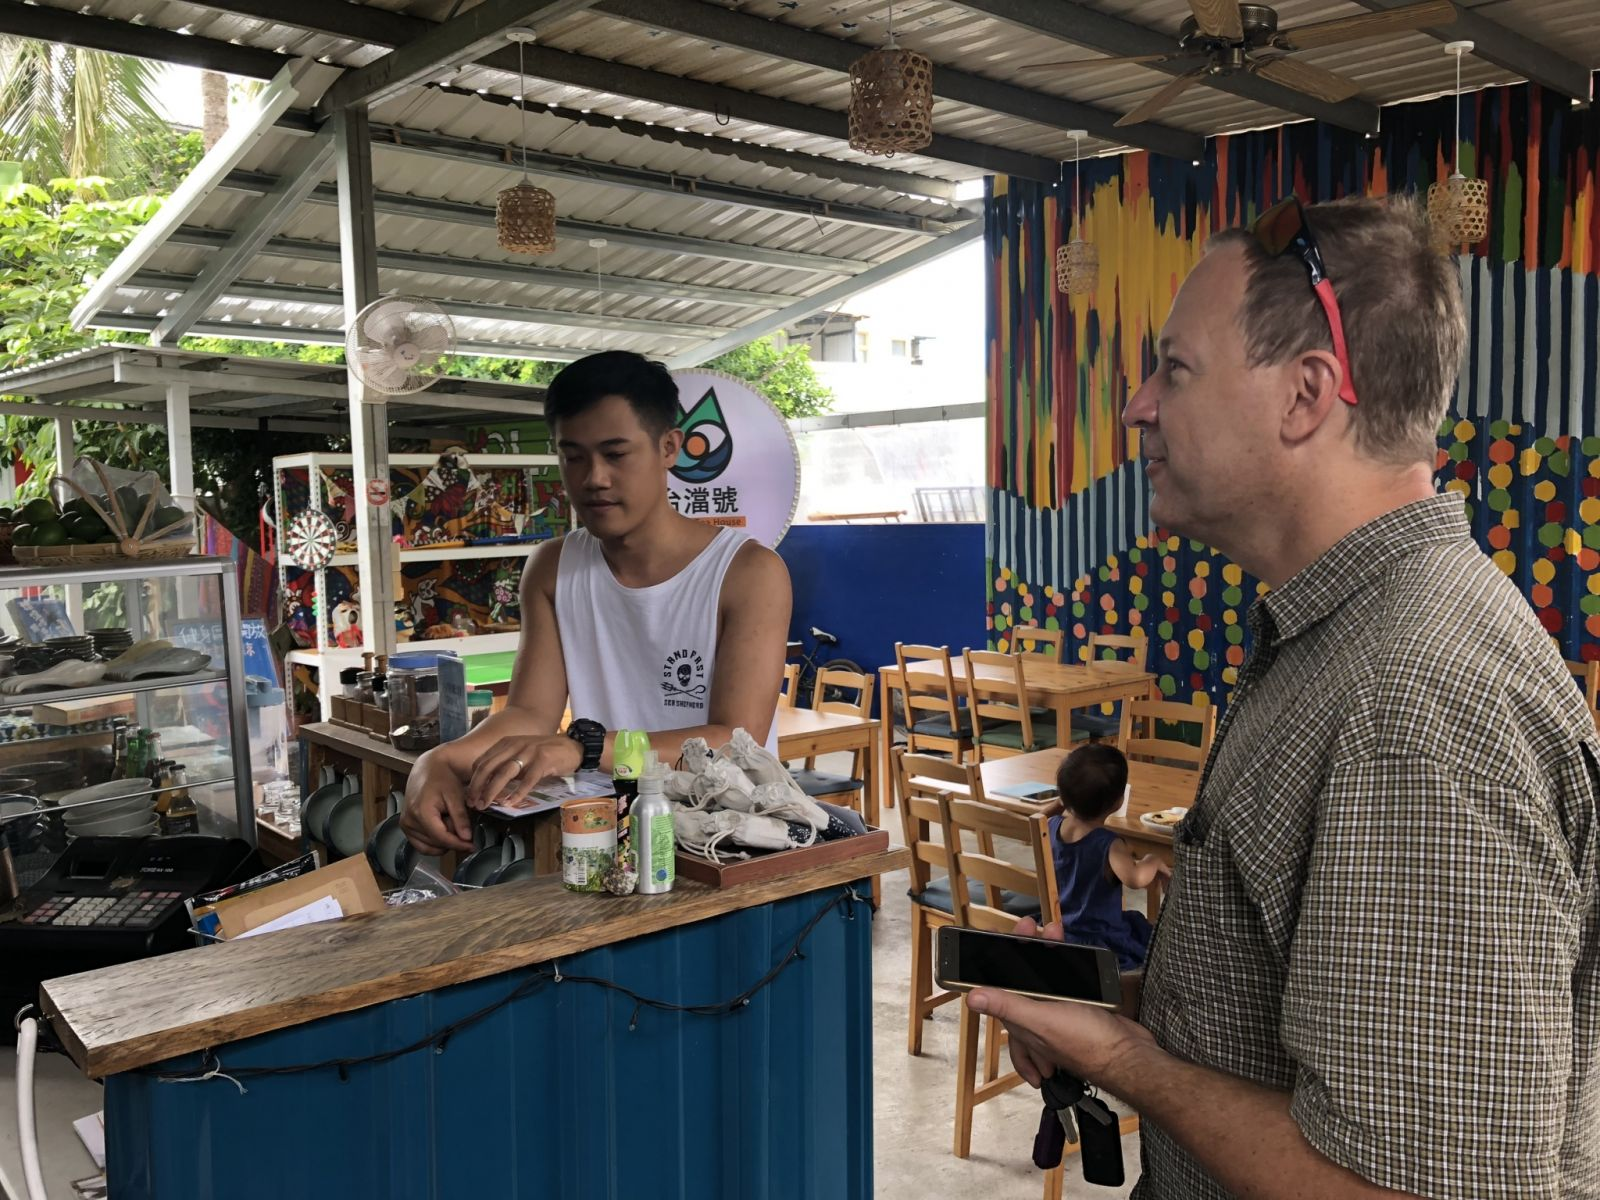 打造國際幸福宜居城市》看台東、台南如何輔導商家,打造雙語服務